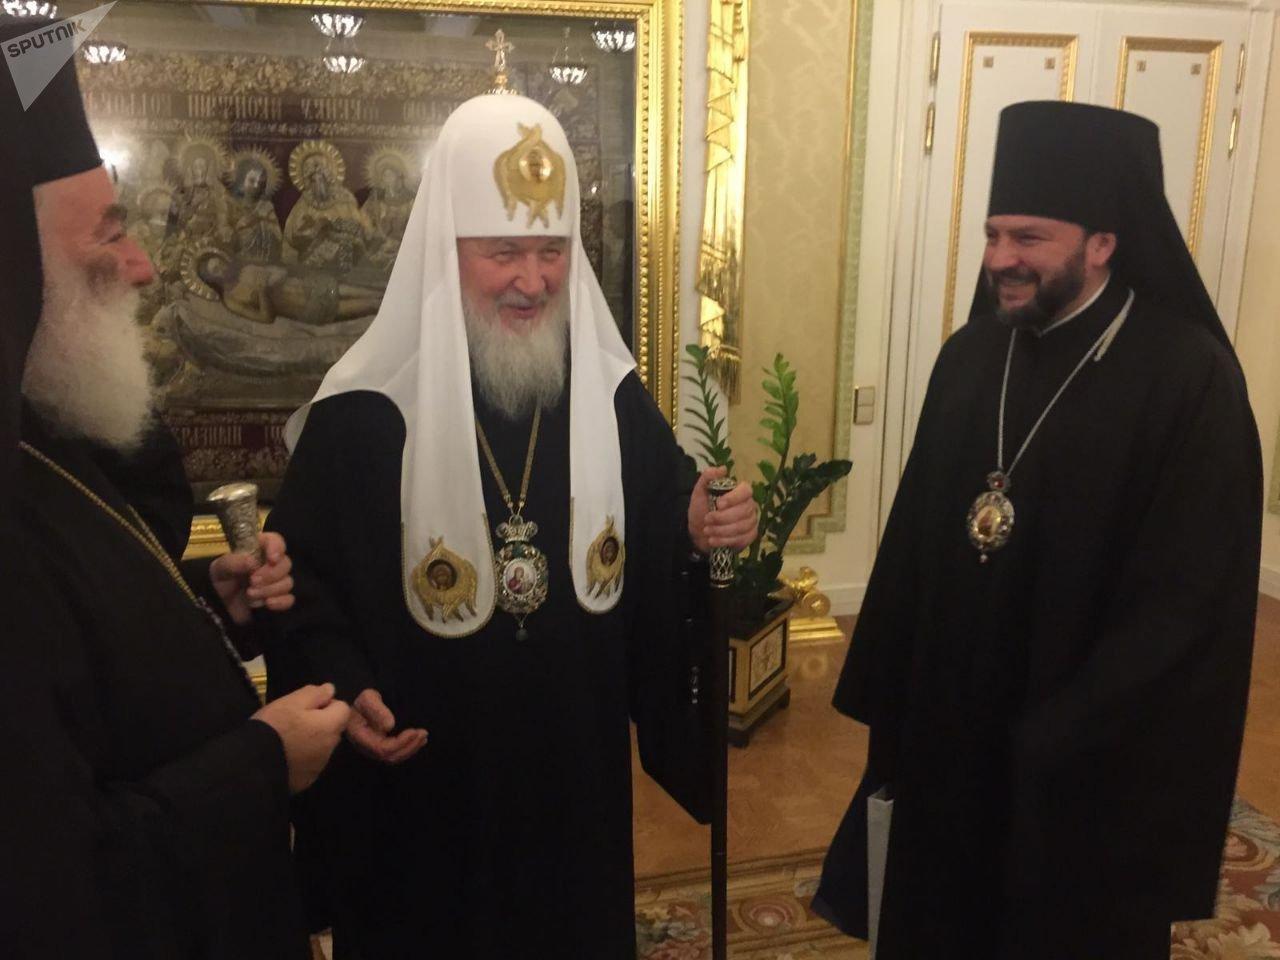 С Патриархом Московским и всея Руси Кириллом и Патриархом Александрийским и всея Африки Феодором II.